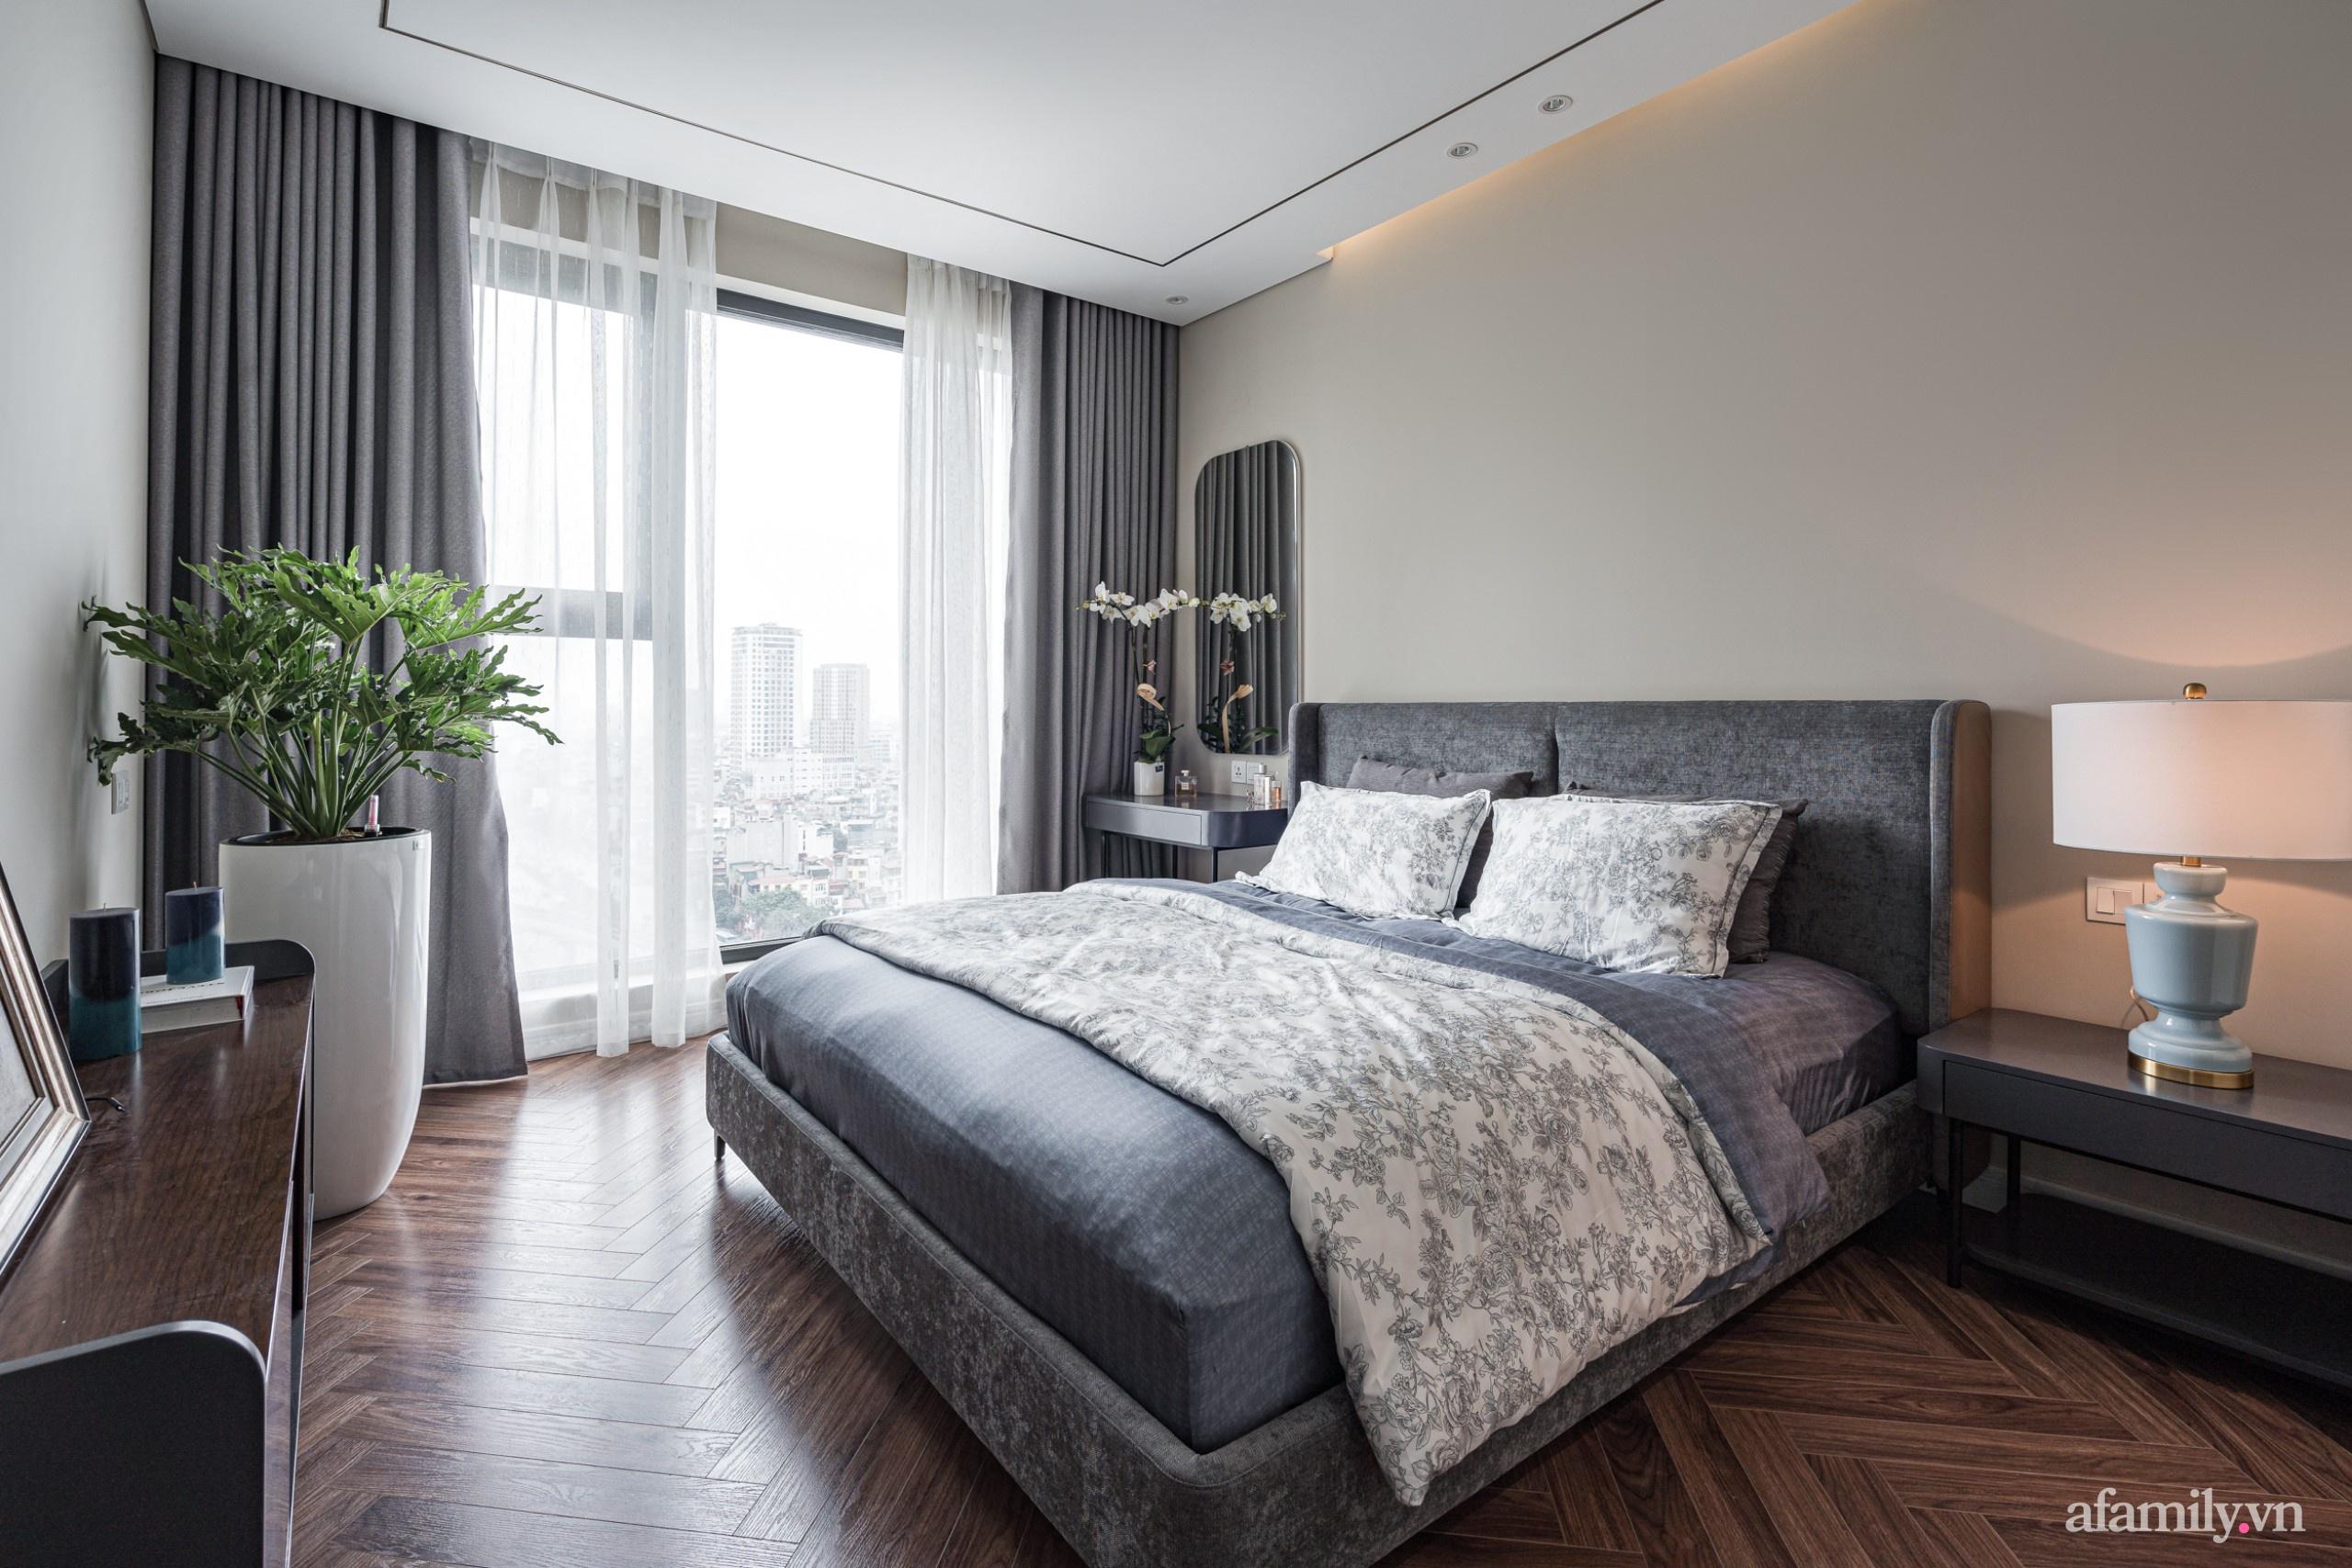 Căn hộ 110m² đẹp sang trọng và đẳng cấp đến từng chi tiết ở Nguyễn Trãi, Hà Nội - Ảnh 13.